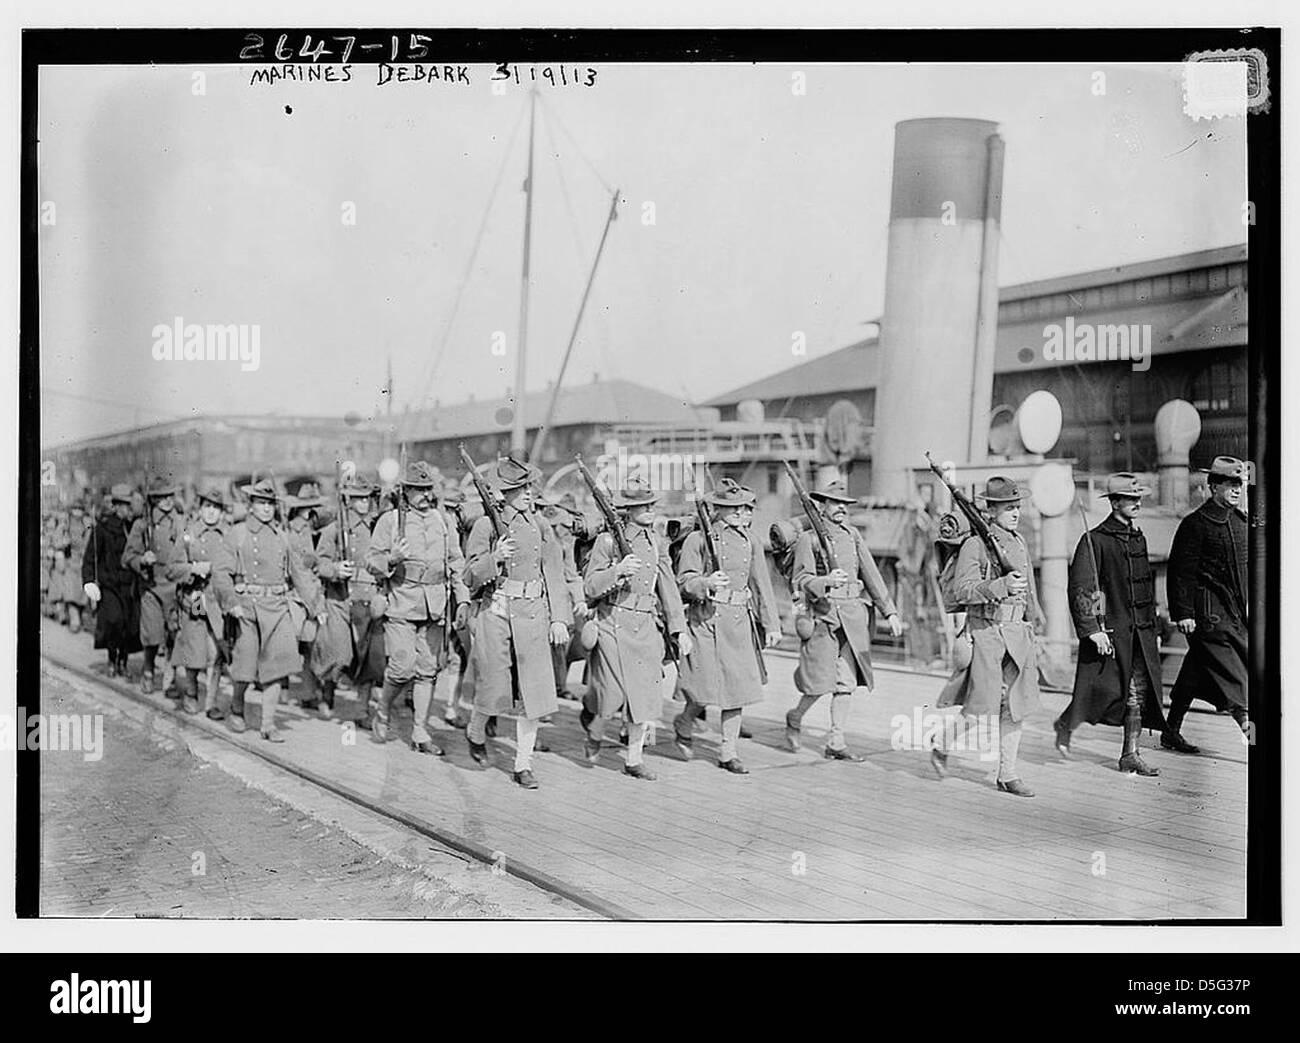 Marines debark (LOC) Stock Photo